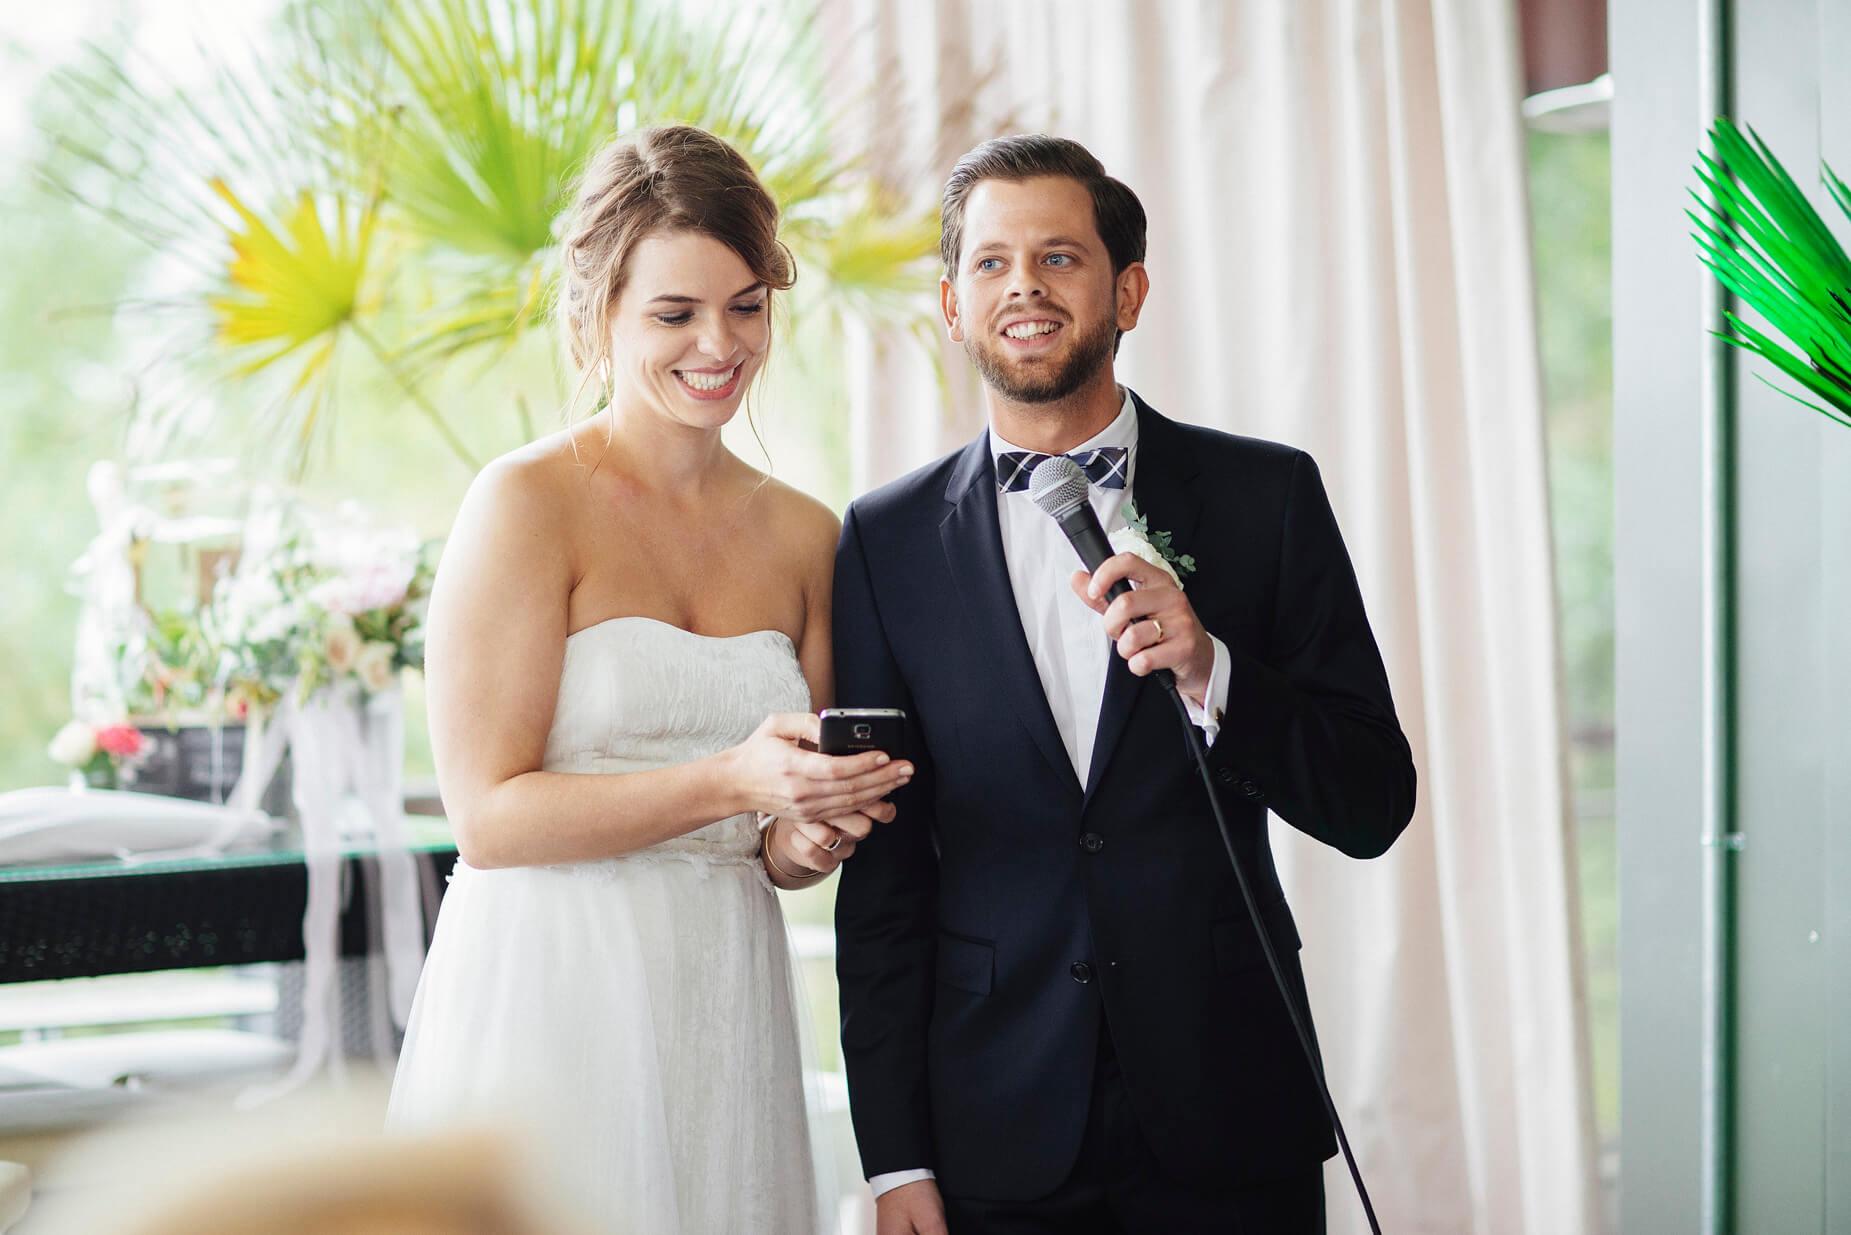 you-me-us_wedding-and-family-photography_hochzeitsreportage-hamburg_isabelle-niki_144